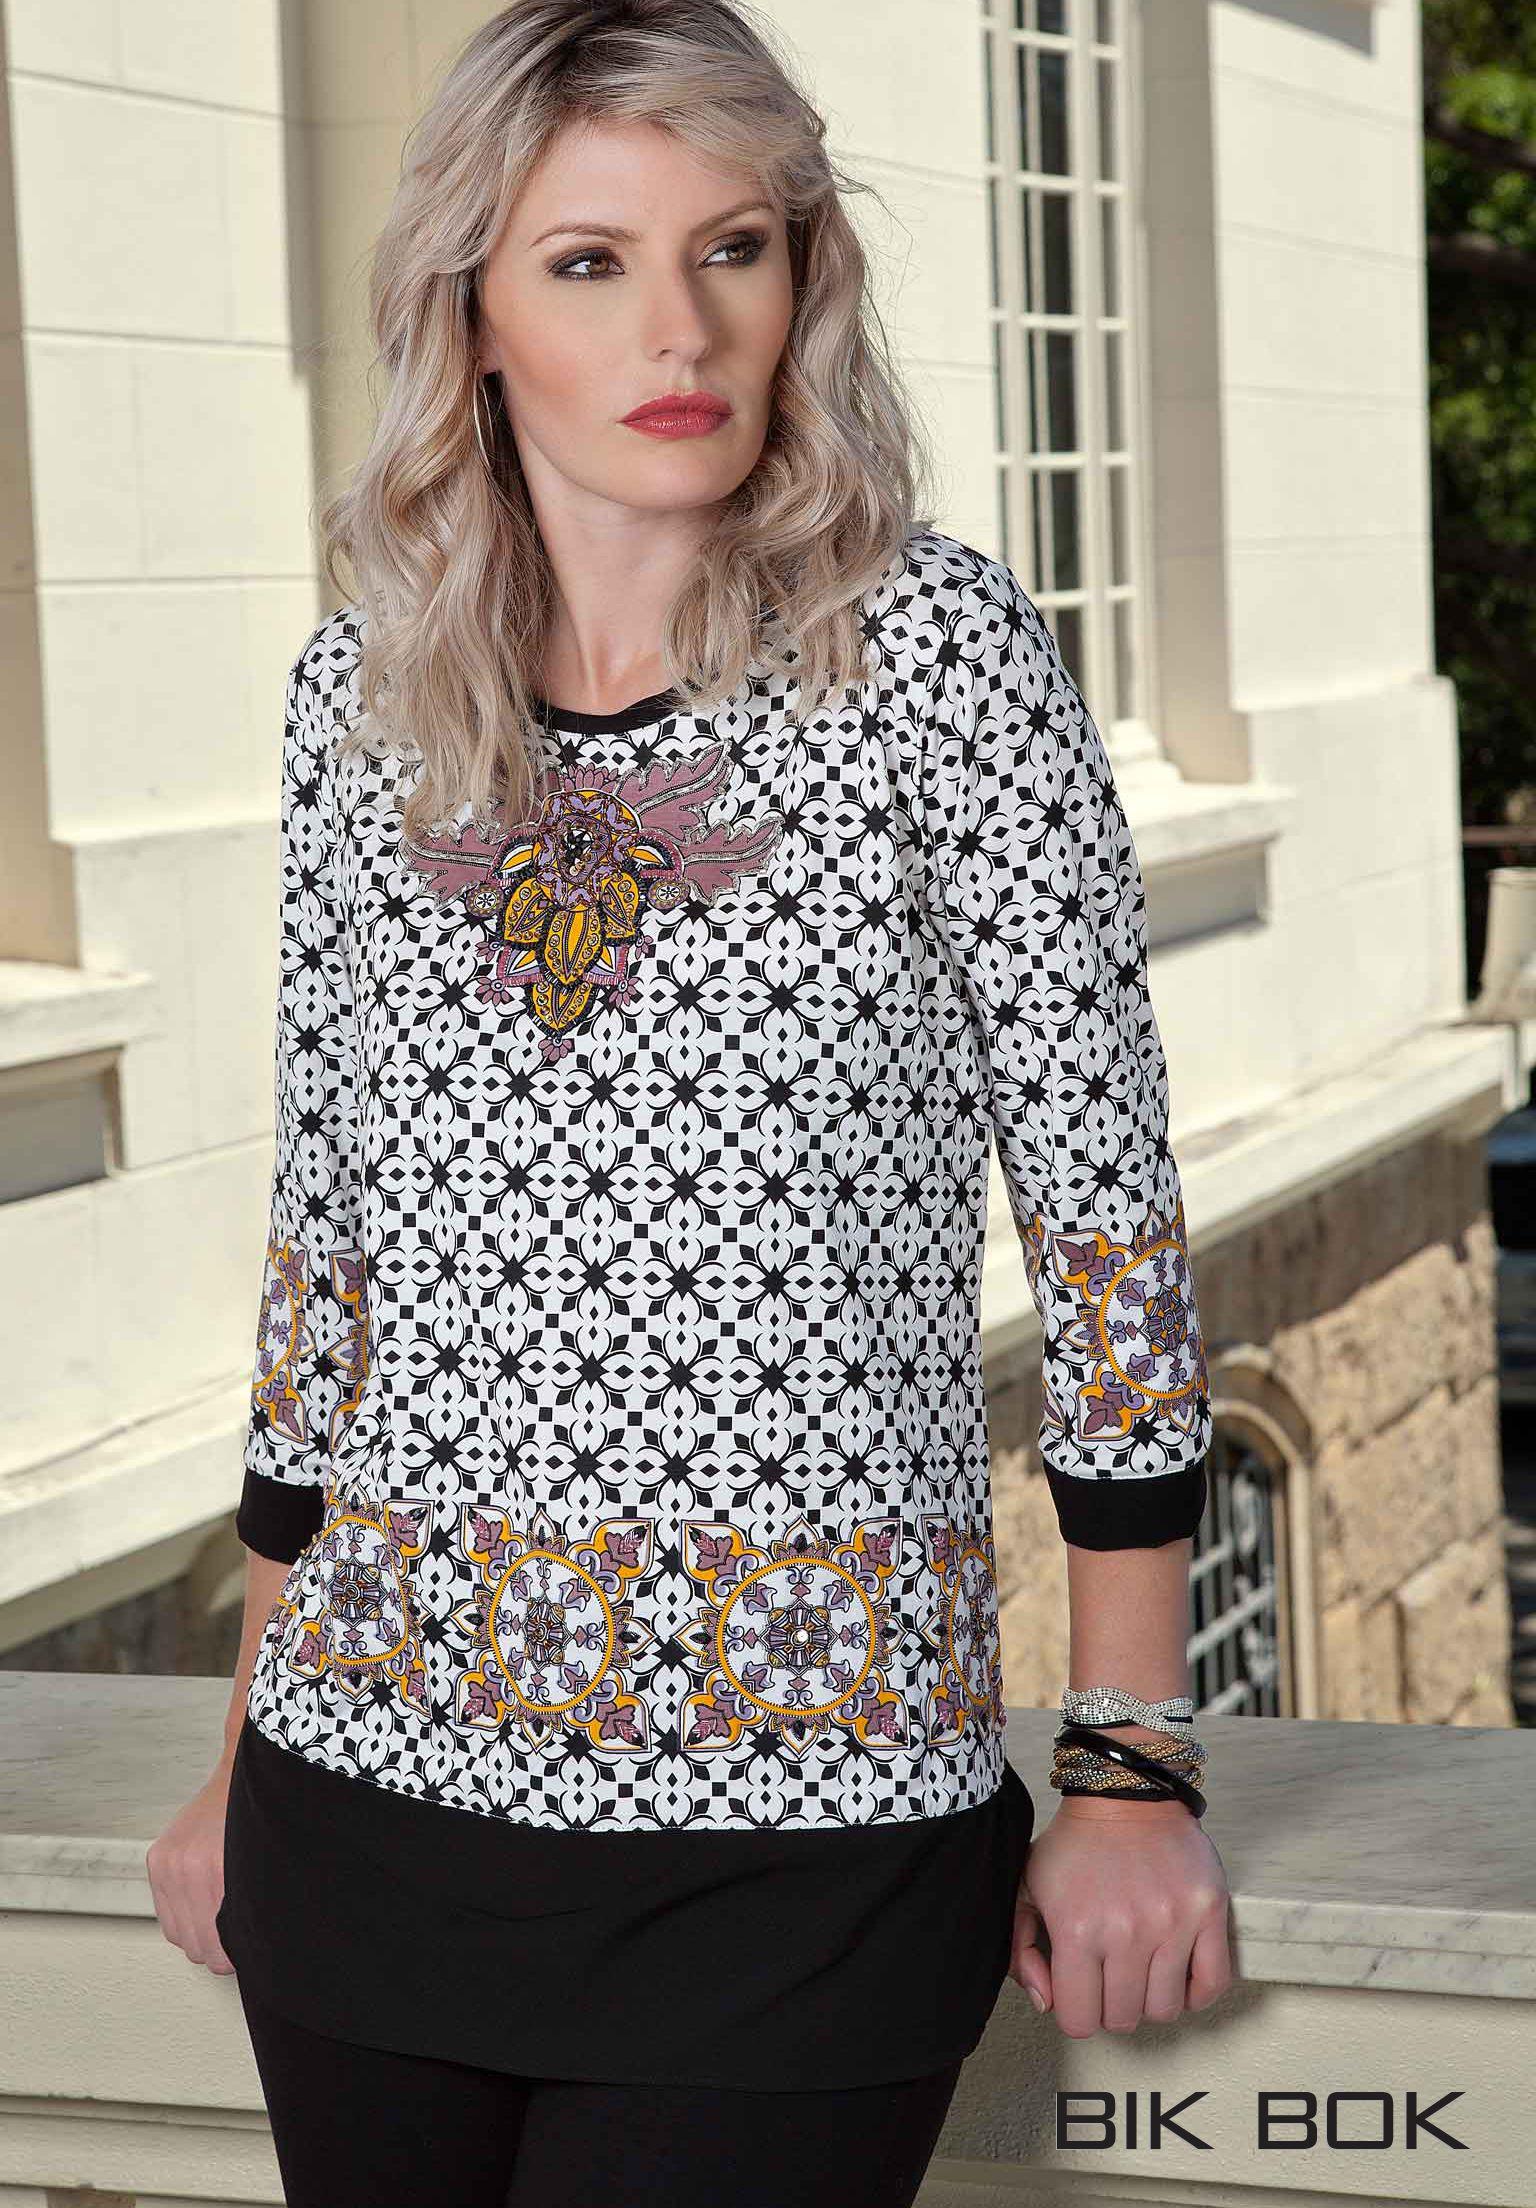 Continuamos com a tendência Étnica !!! Blusa com bordado exclusivo feito especialmente para você! #outonoinverno #bikbok #inverno2014 #winter2014